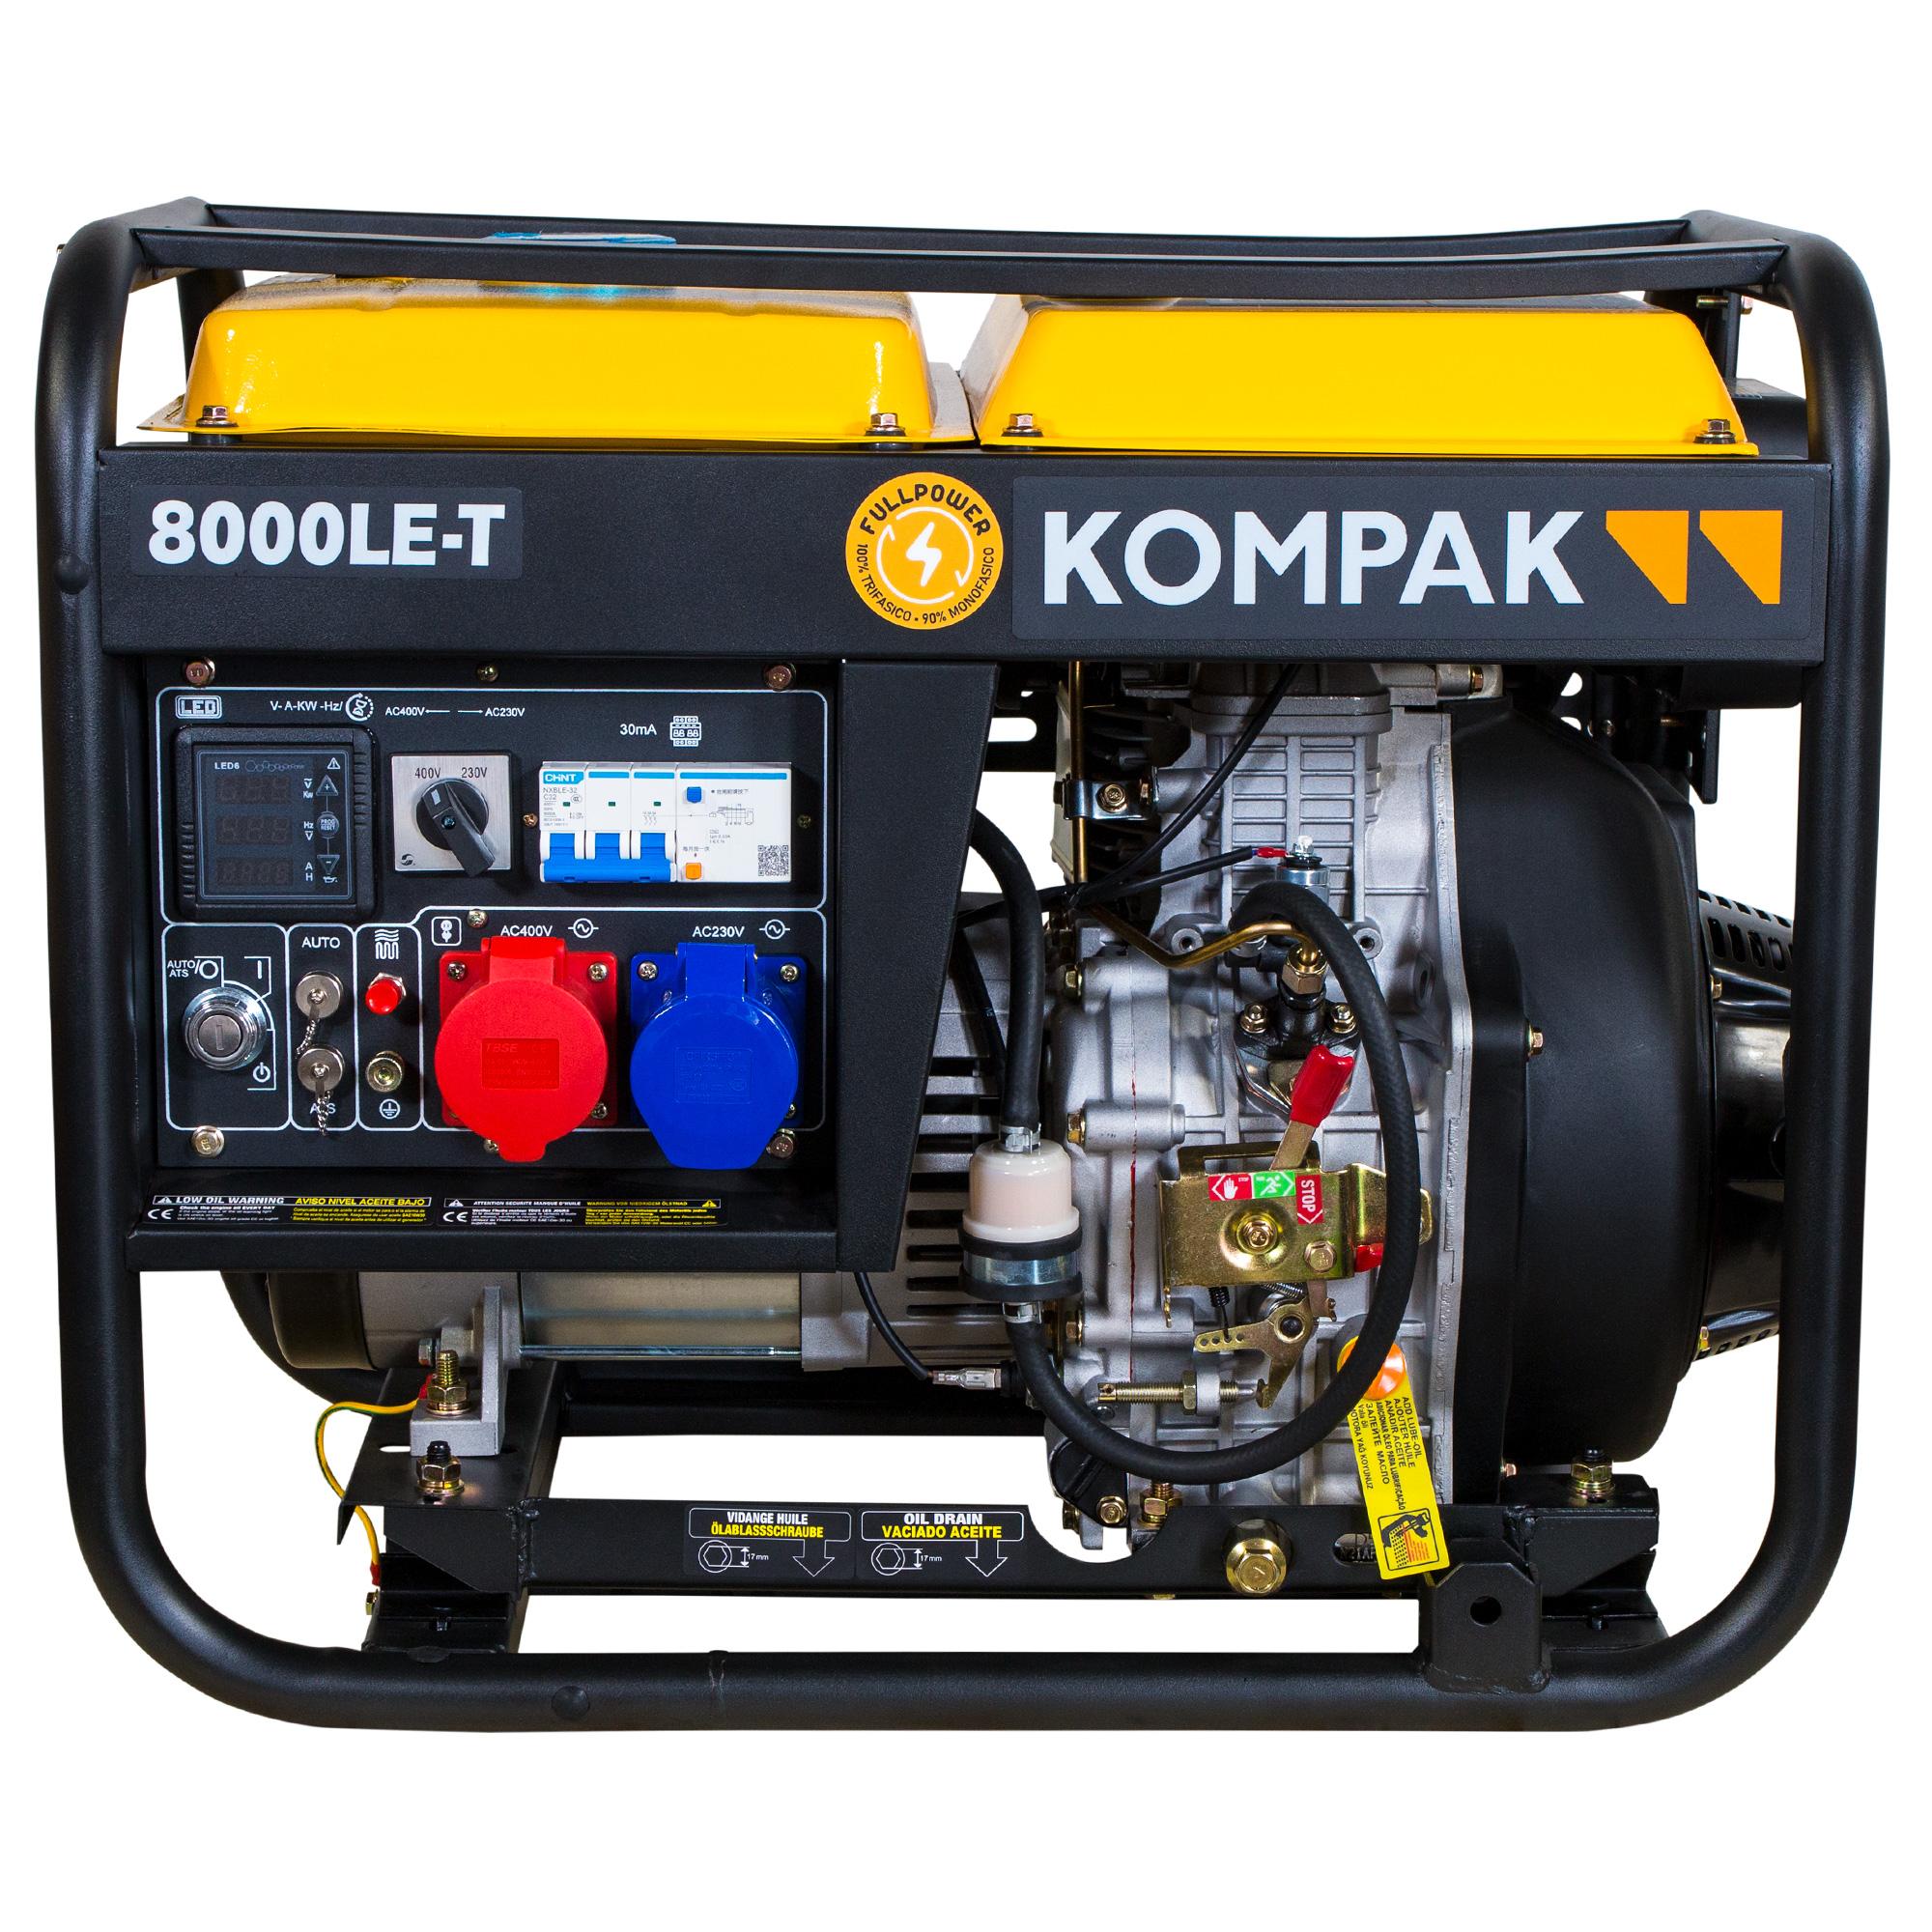 VORVERKAUF!!! PRO-KOMPAK Full Power 8kVA Diesel 8000LE-T 230&400 V Stromaggregat